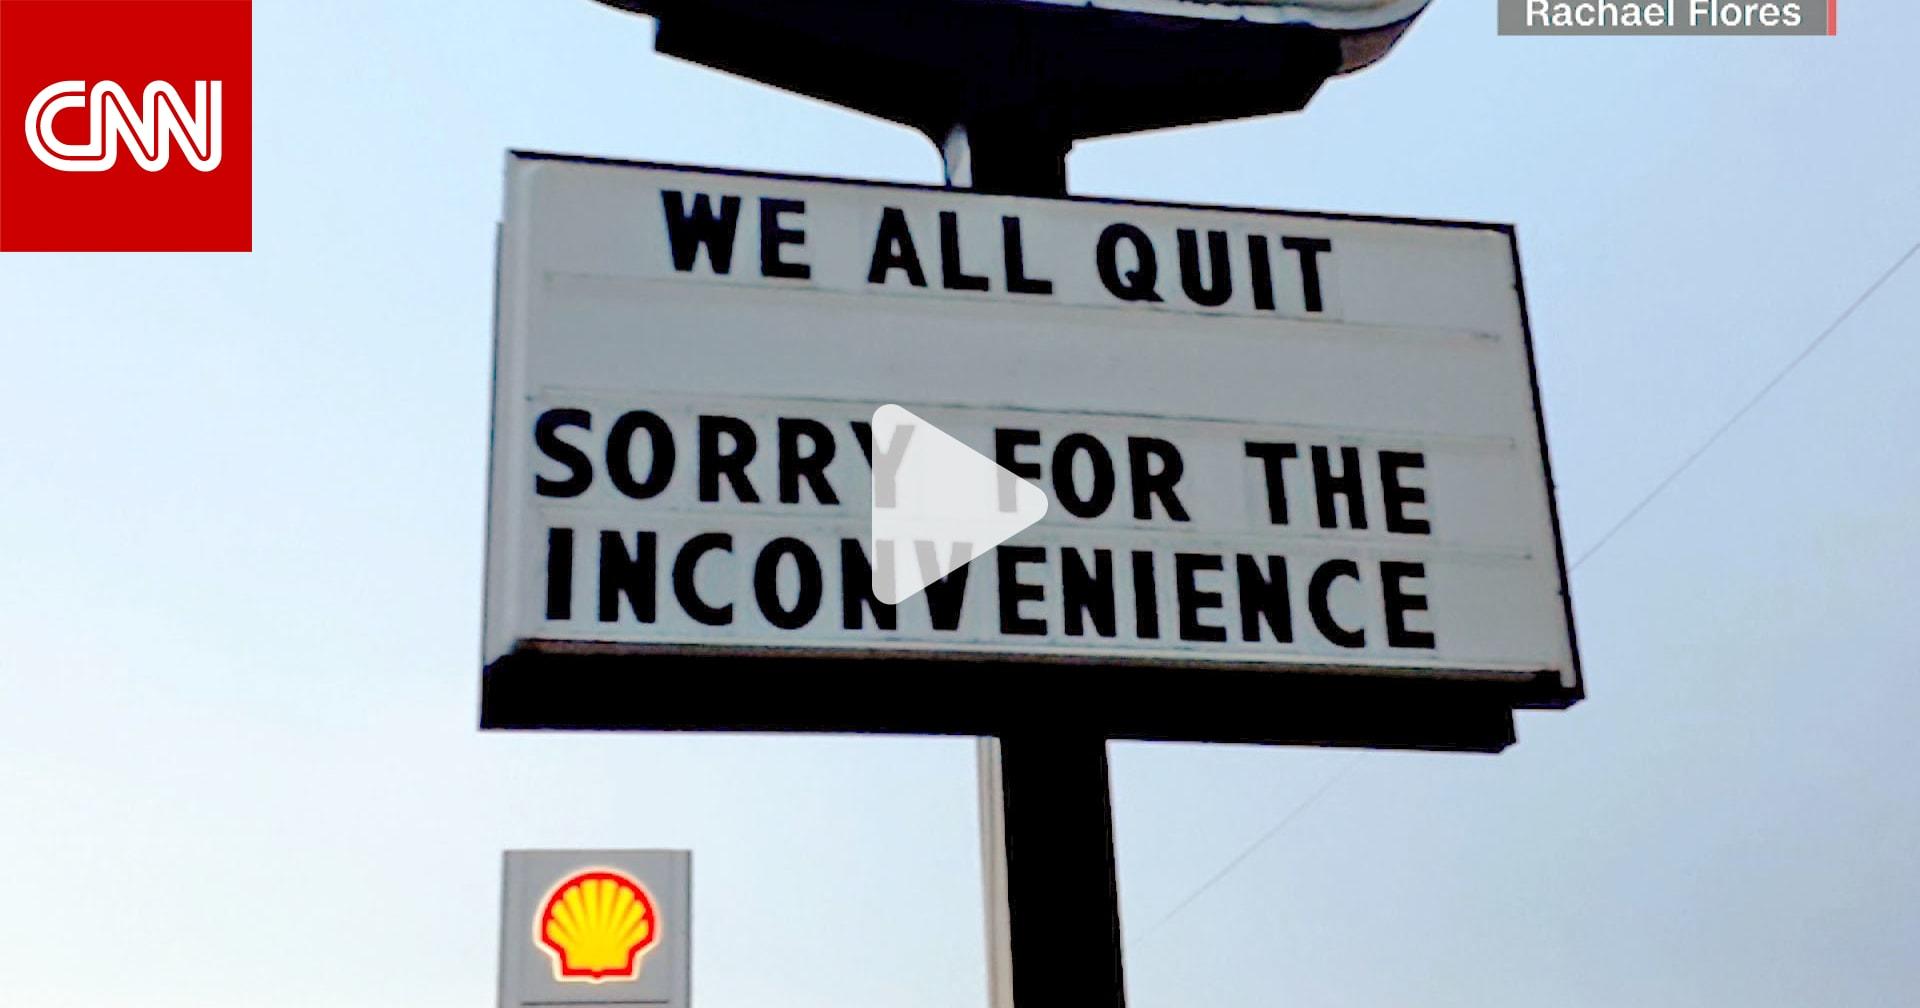 استقالة جميع موظفي أحد متاجر برجر كنج بأمريكا بطريقة لا يمكن تخيّلها.. ماذا فعلوا؟